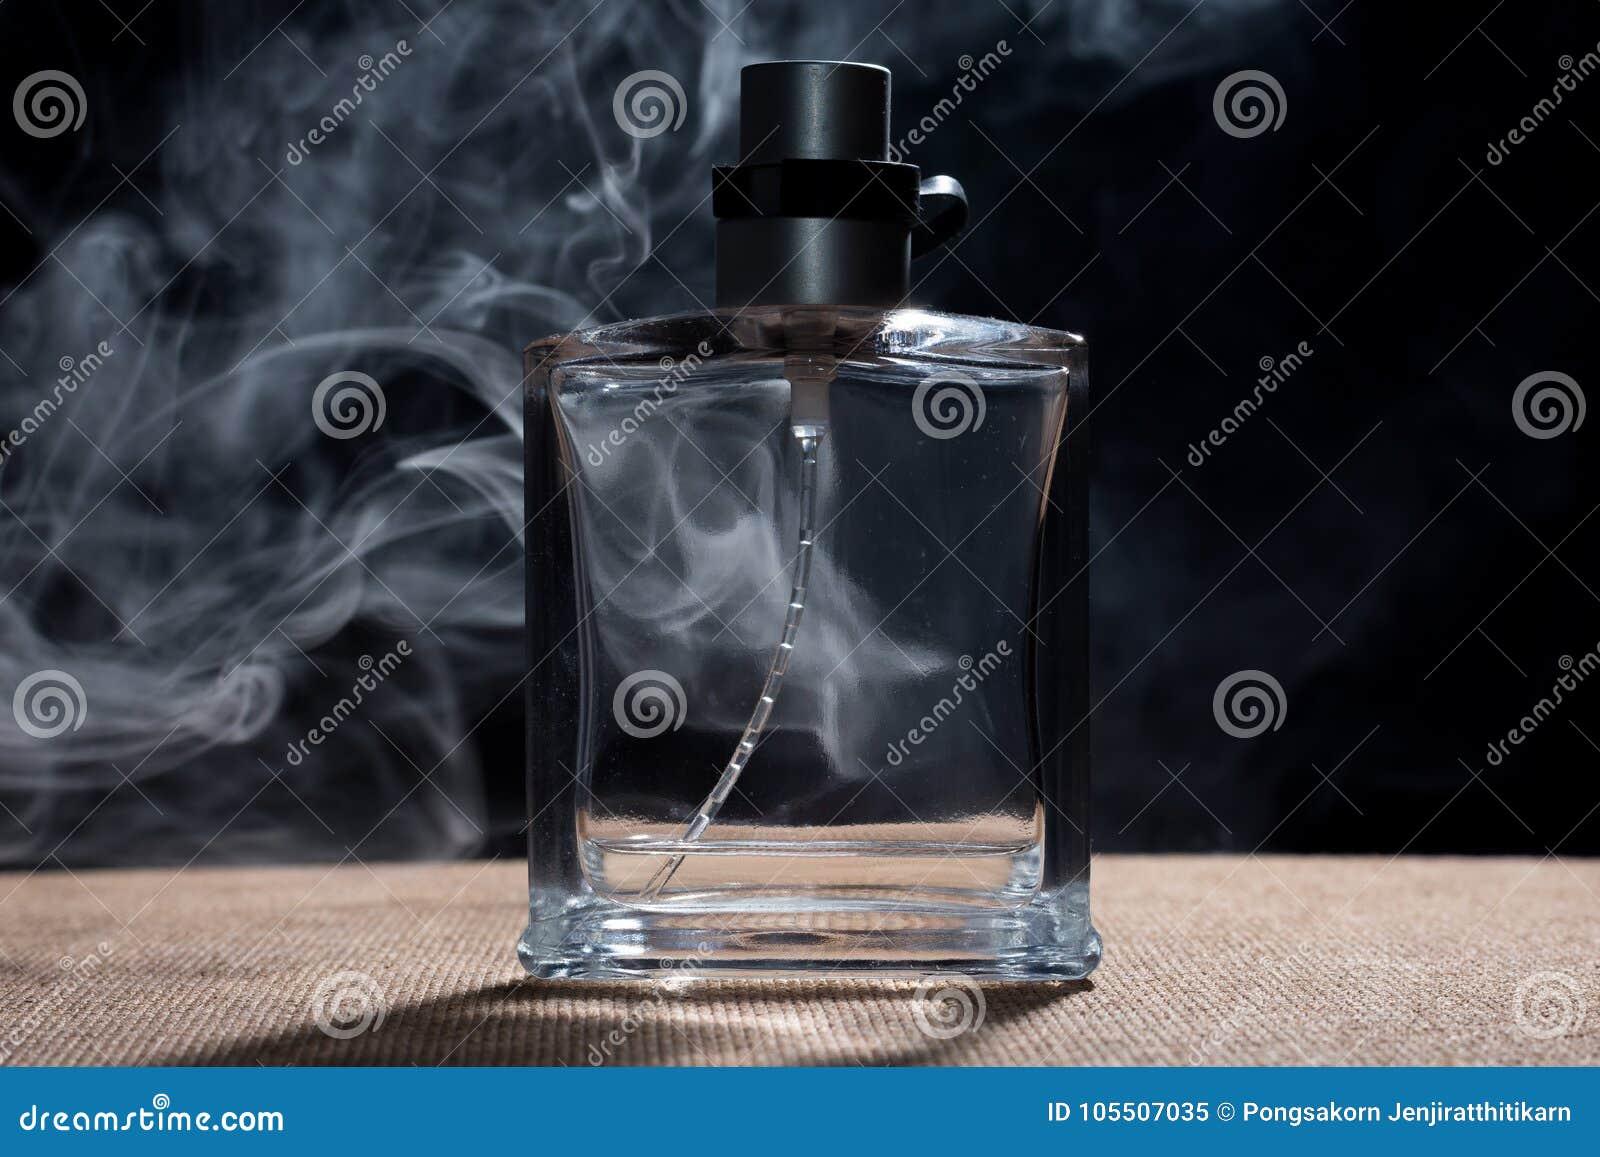 Pachnidło i dym